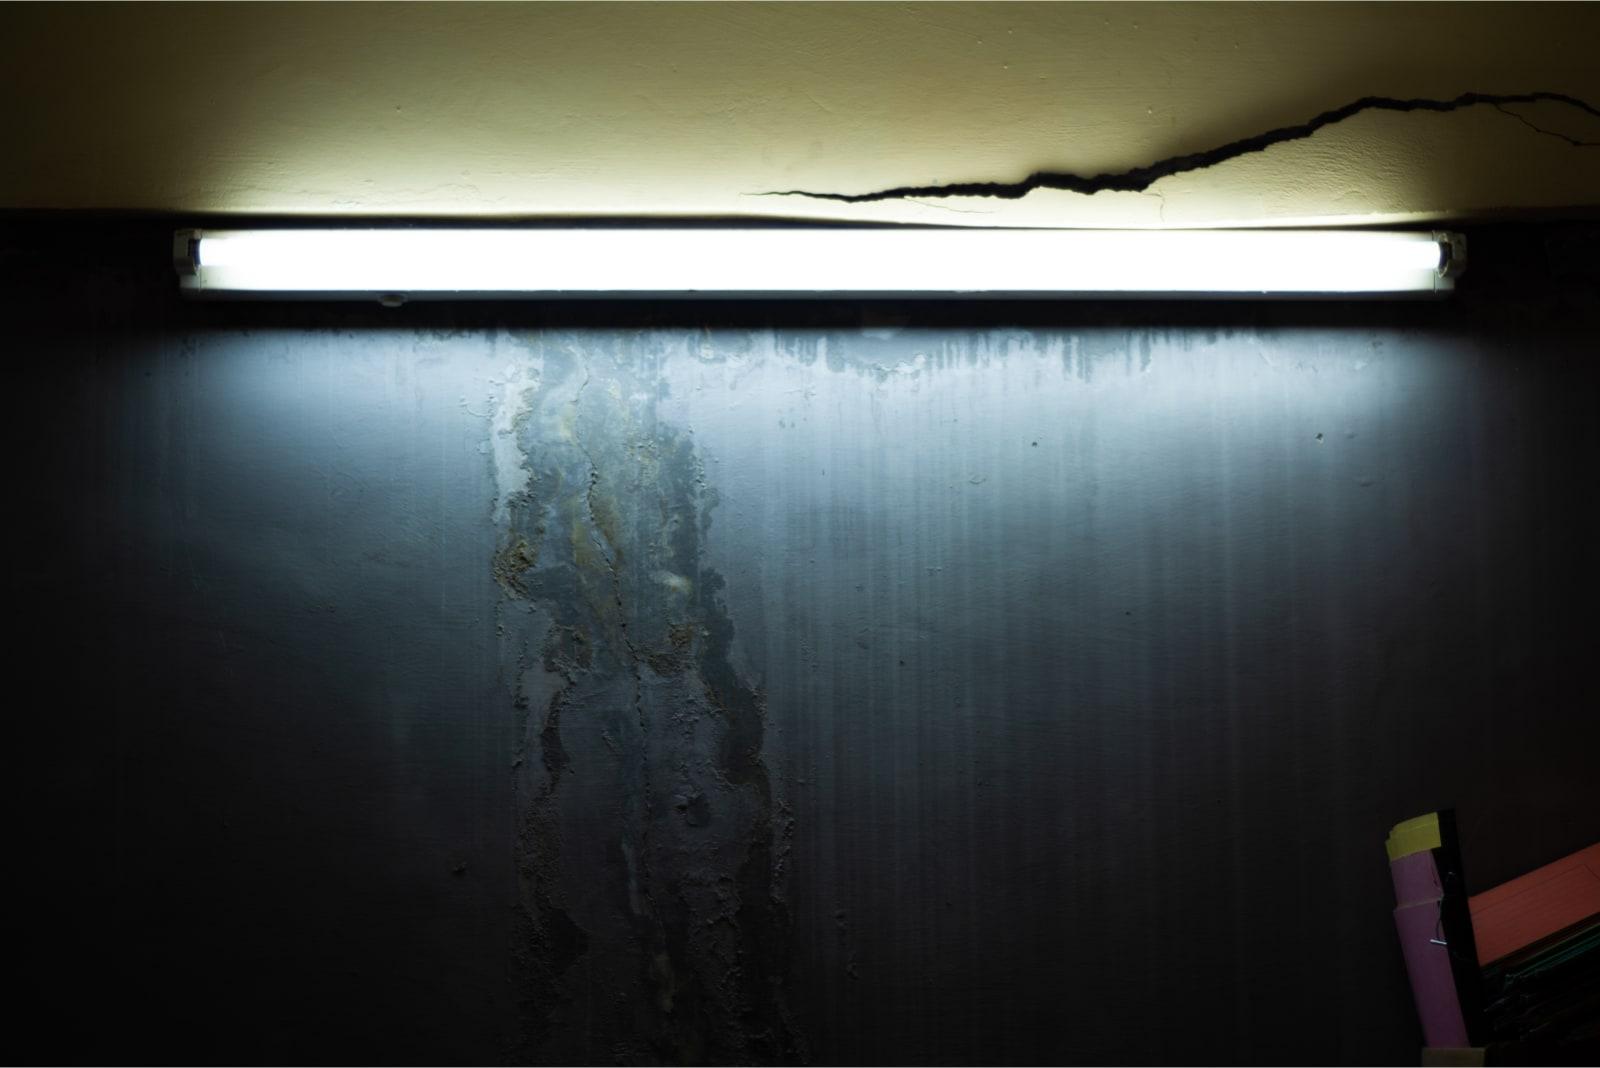 Samira Saidi Untitled 29.7 x 42 cm 29.7 x 19.83 cm Digital print